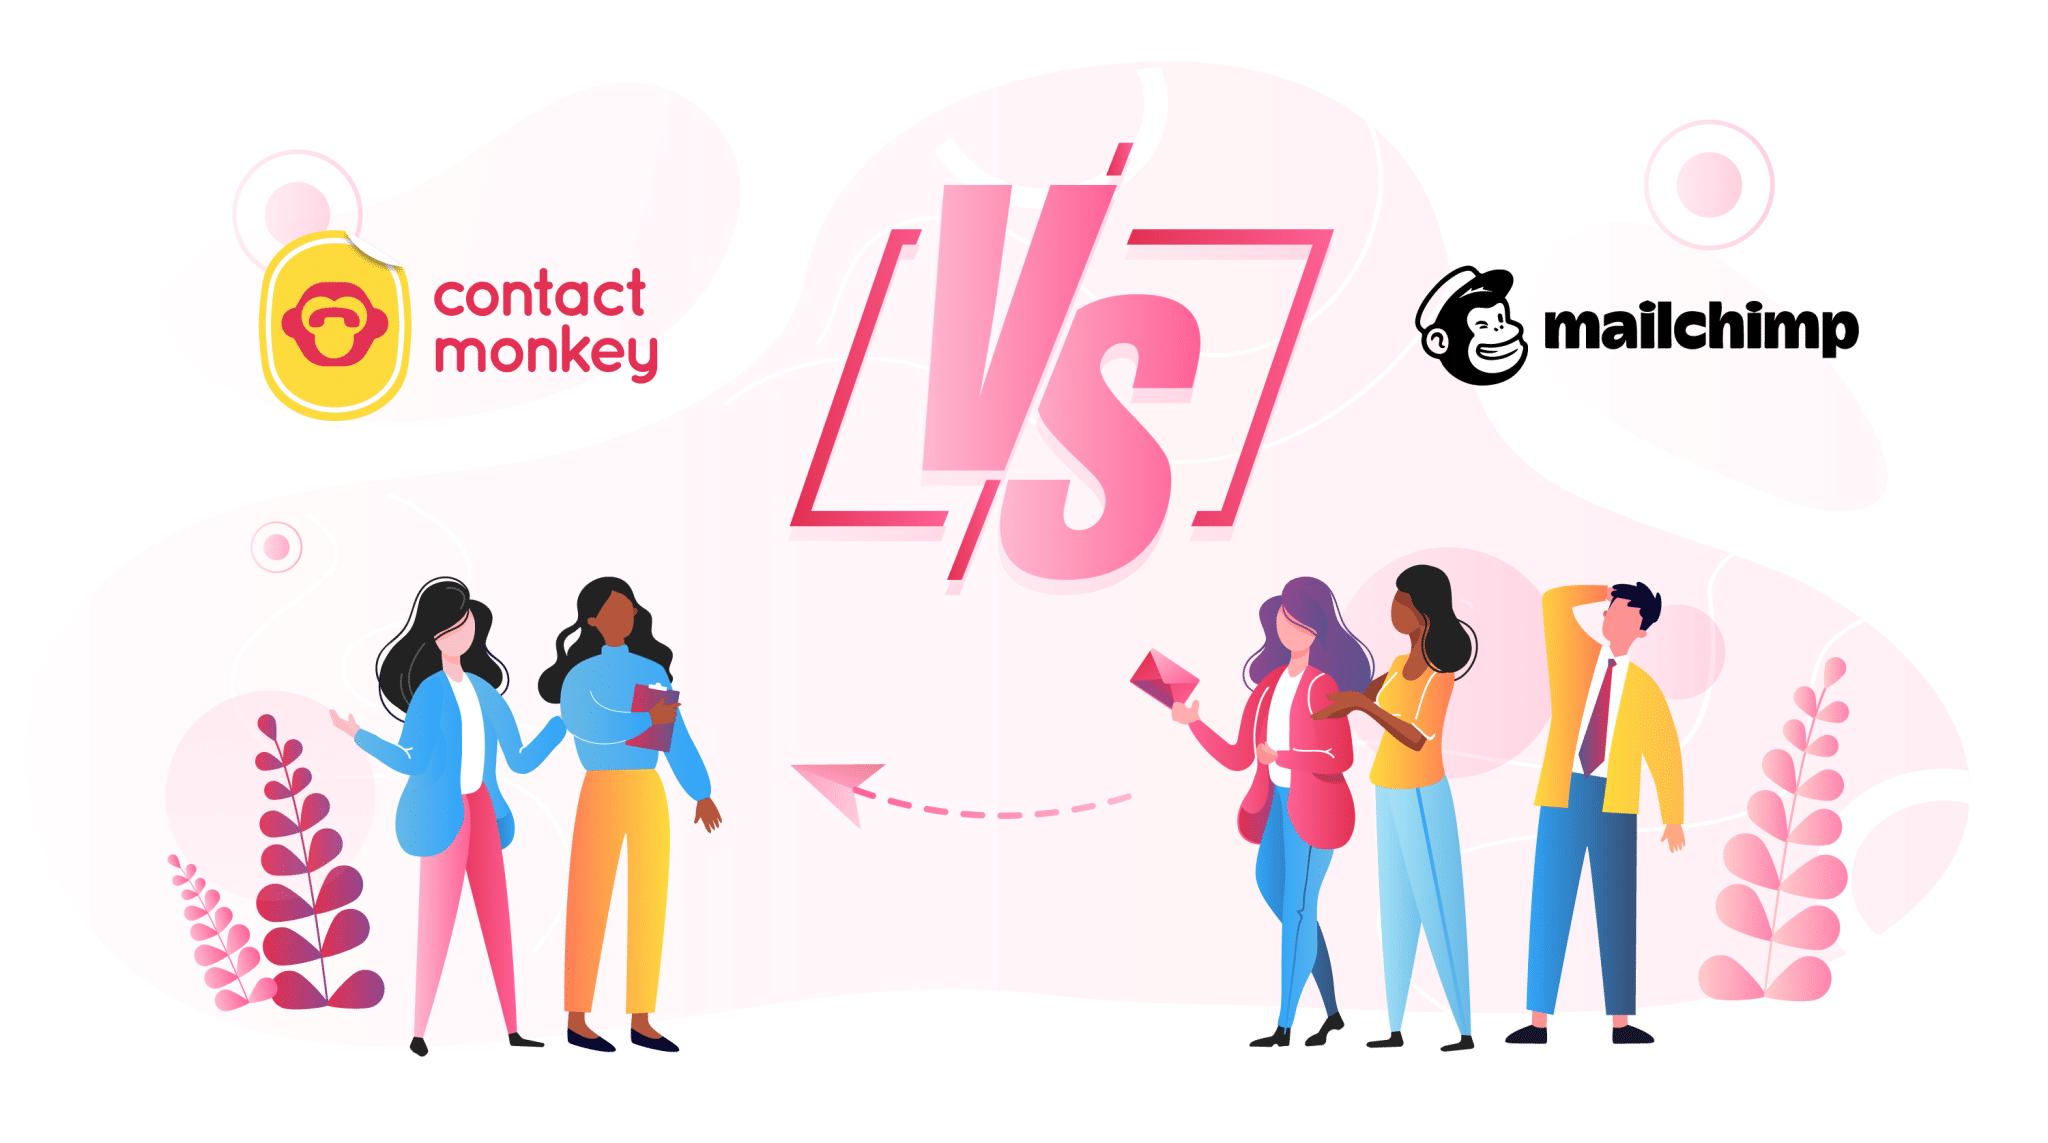 ContactMonkey vs Mailchimp